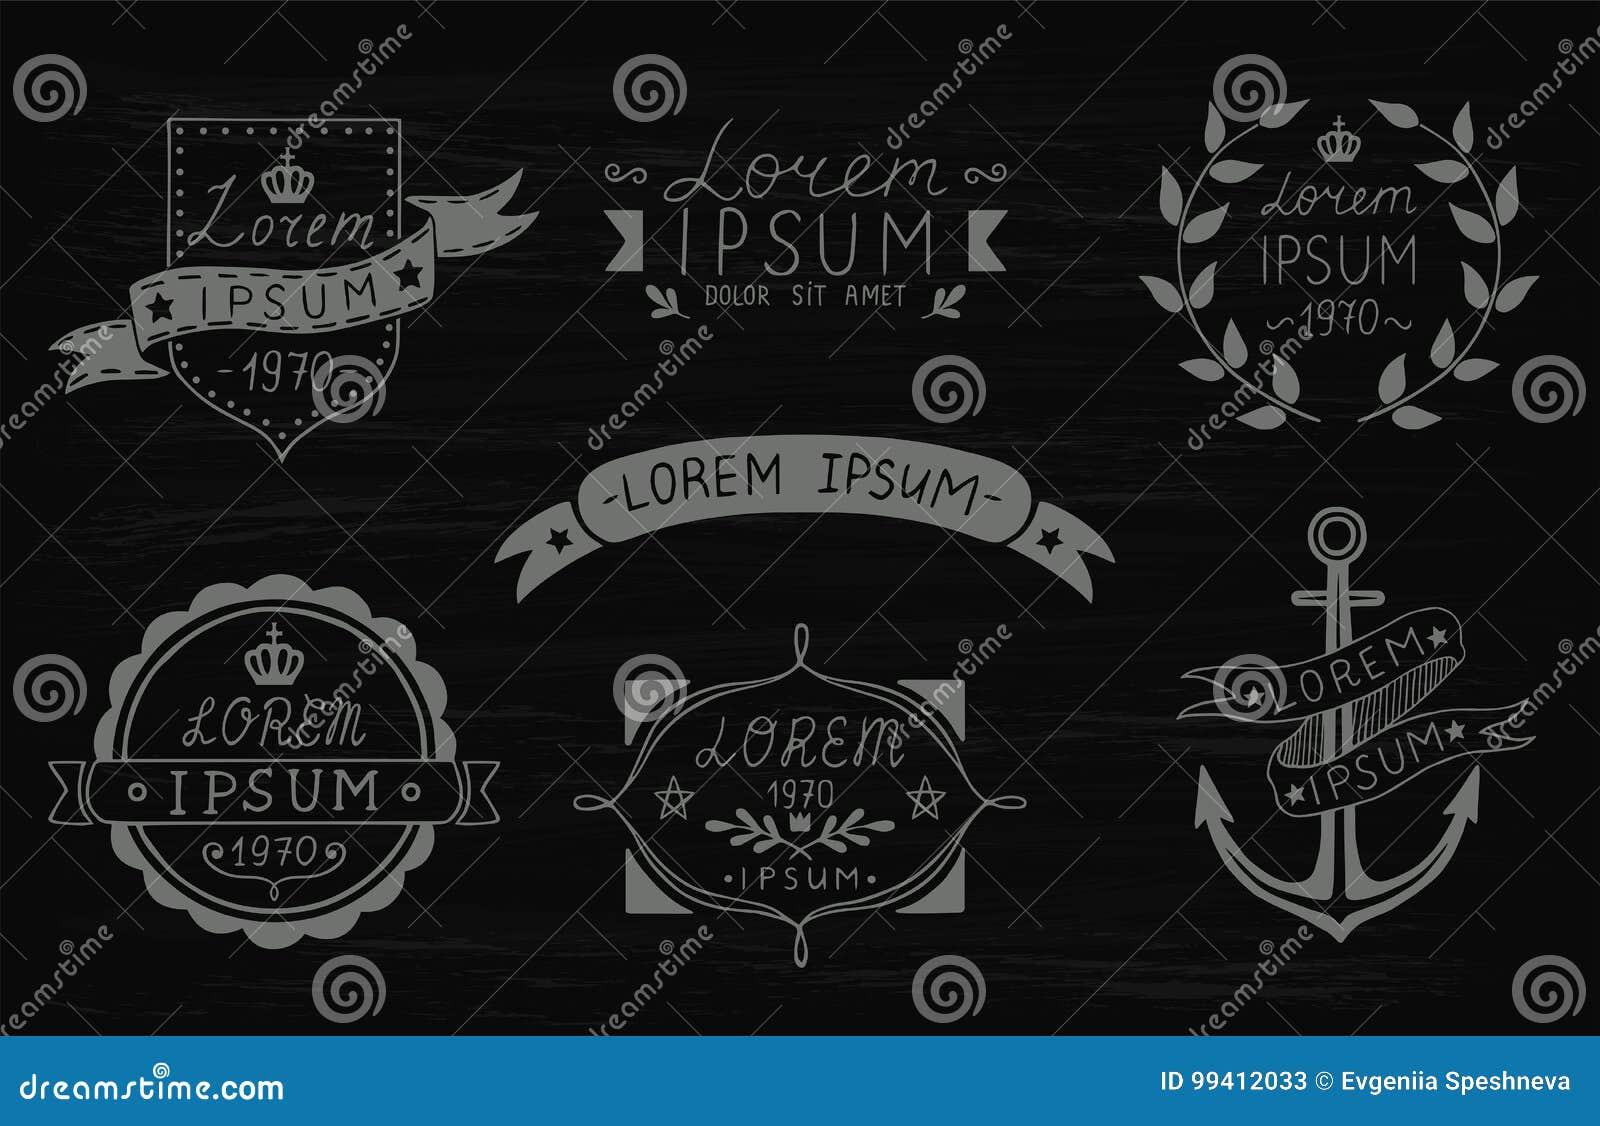 Set of hand drawn vintage labels. Templates for design of labels, emblems, logotypes. Vector illustration.